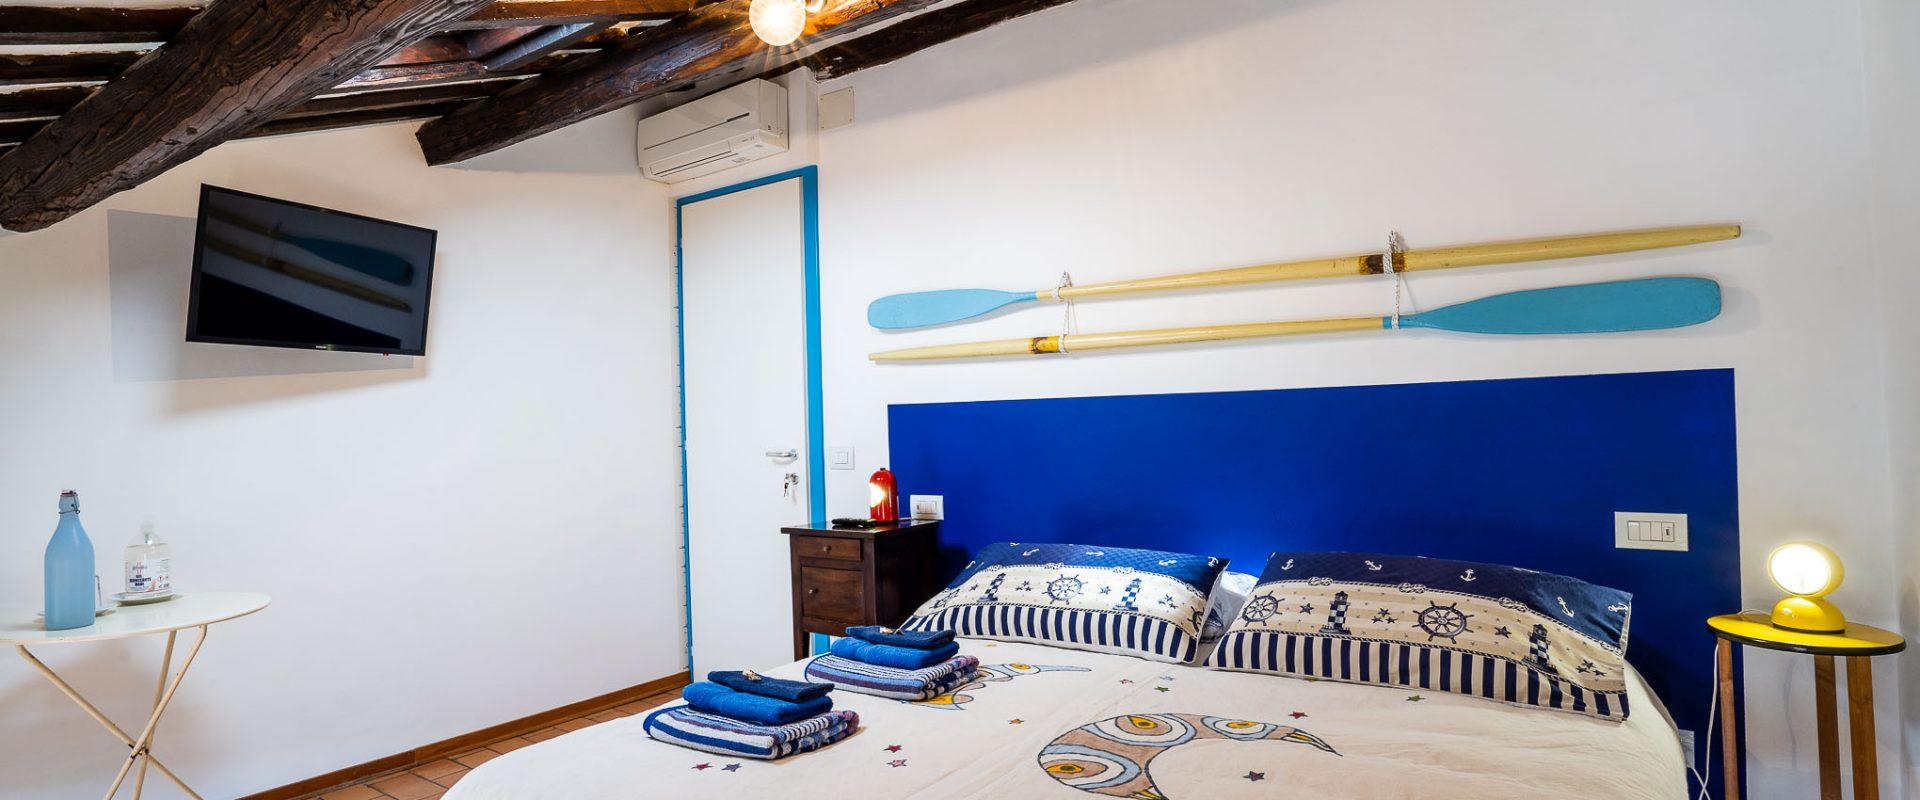 Standard B&B Sottocoperta Room